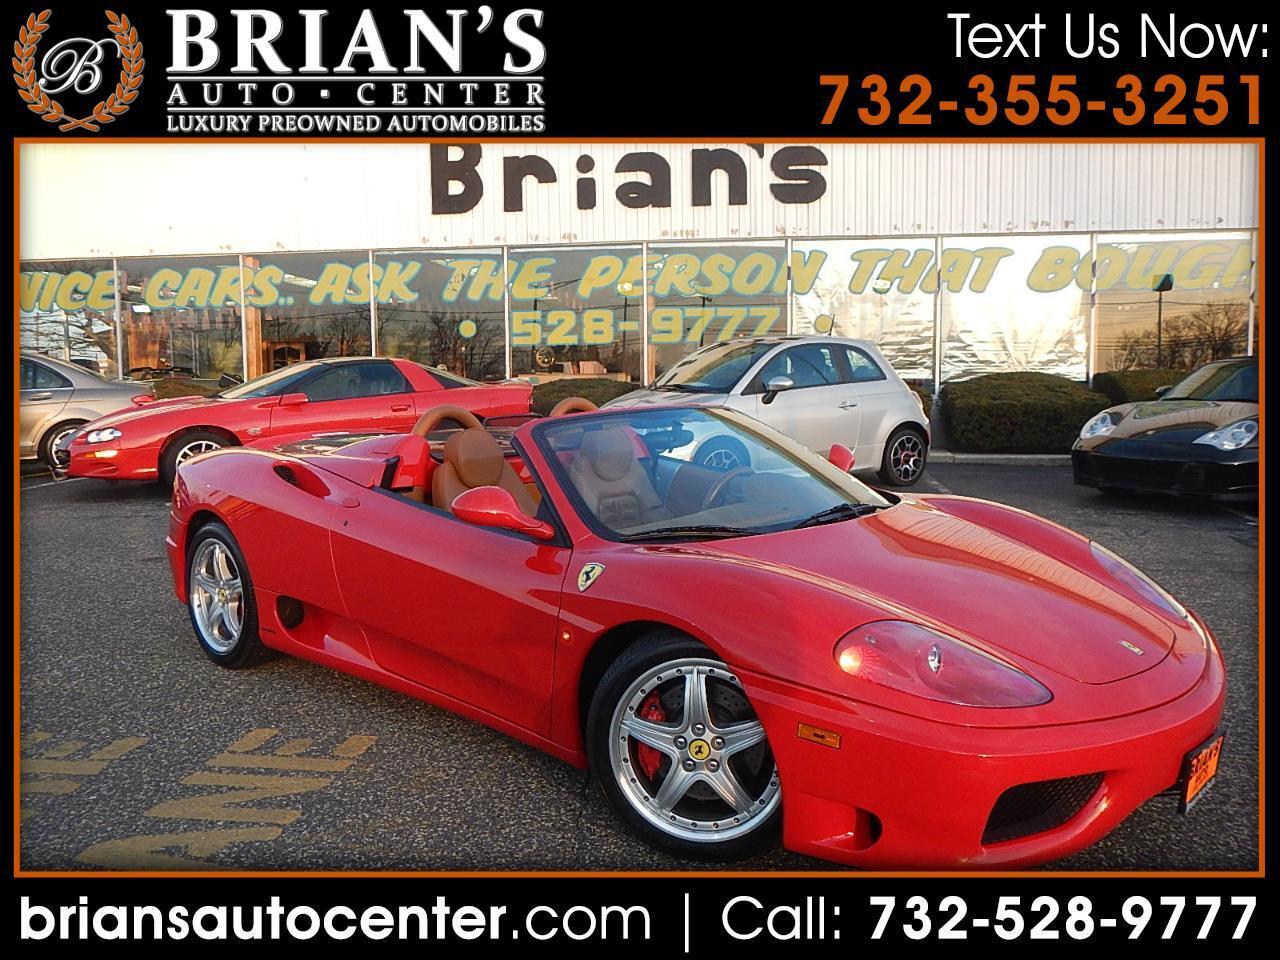 2003 Ferrari 360 Modena Spider